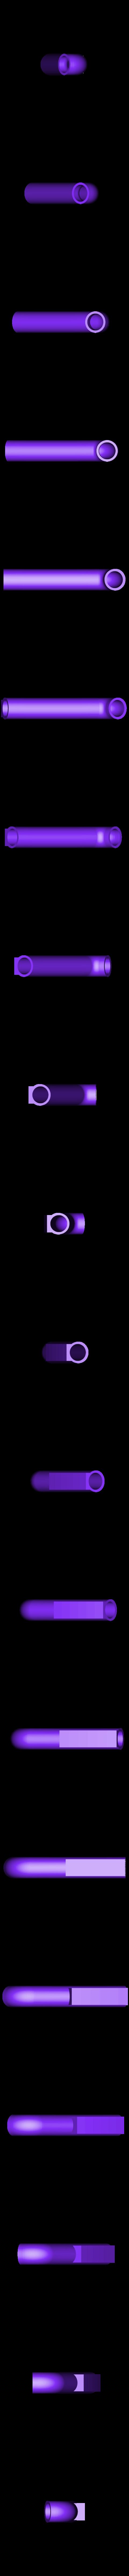 exhaust left.stl Télécharger fichier STL gratuit 1991 Mazda 787B 3d Voiture RC imprimée de 1991 • Objet à imprimer en 3D, brett